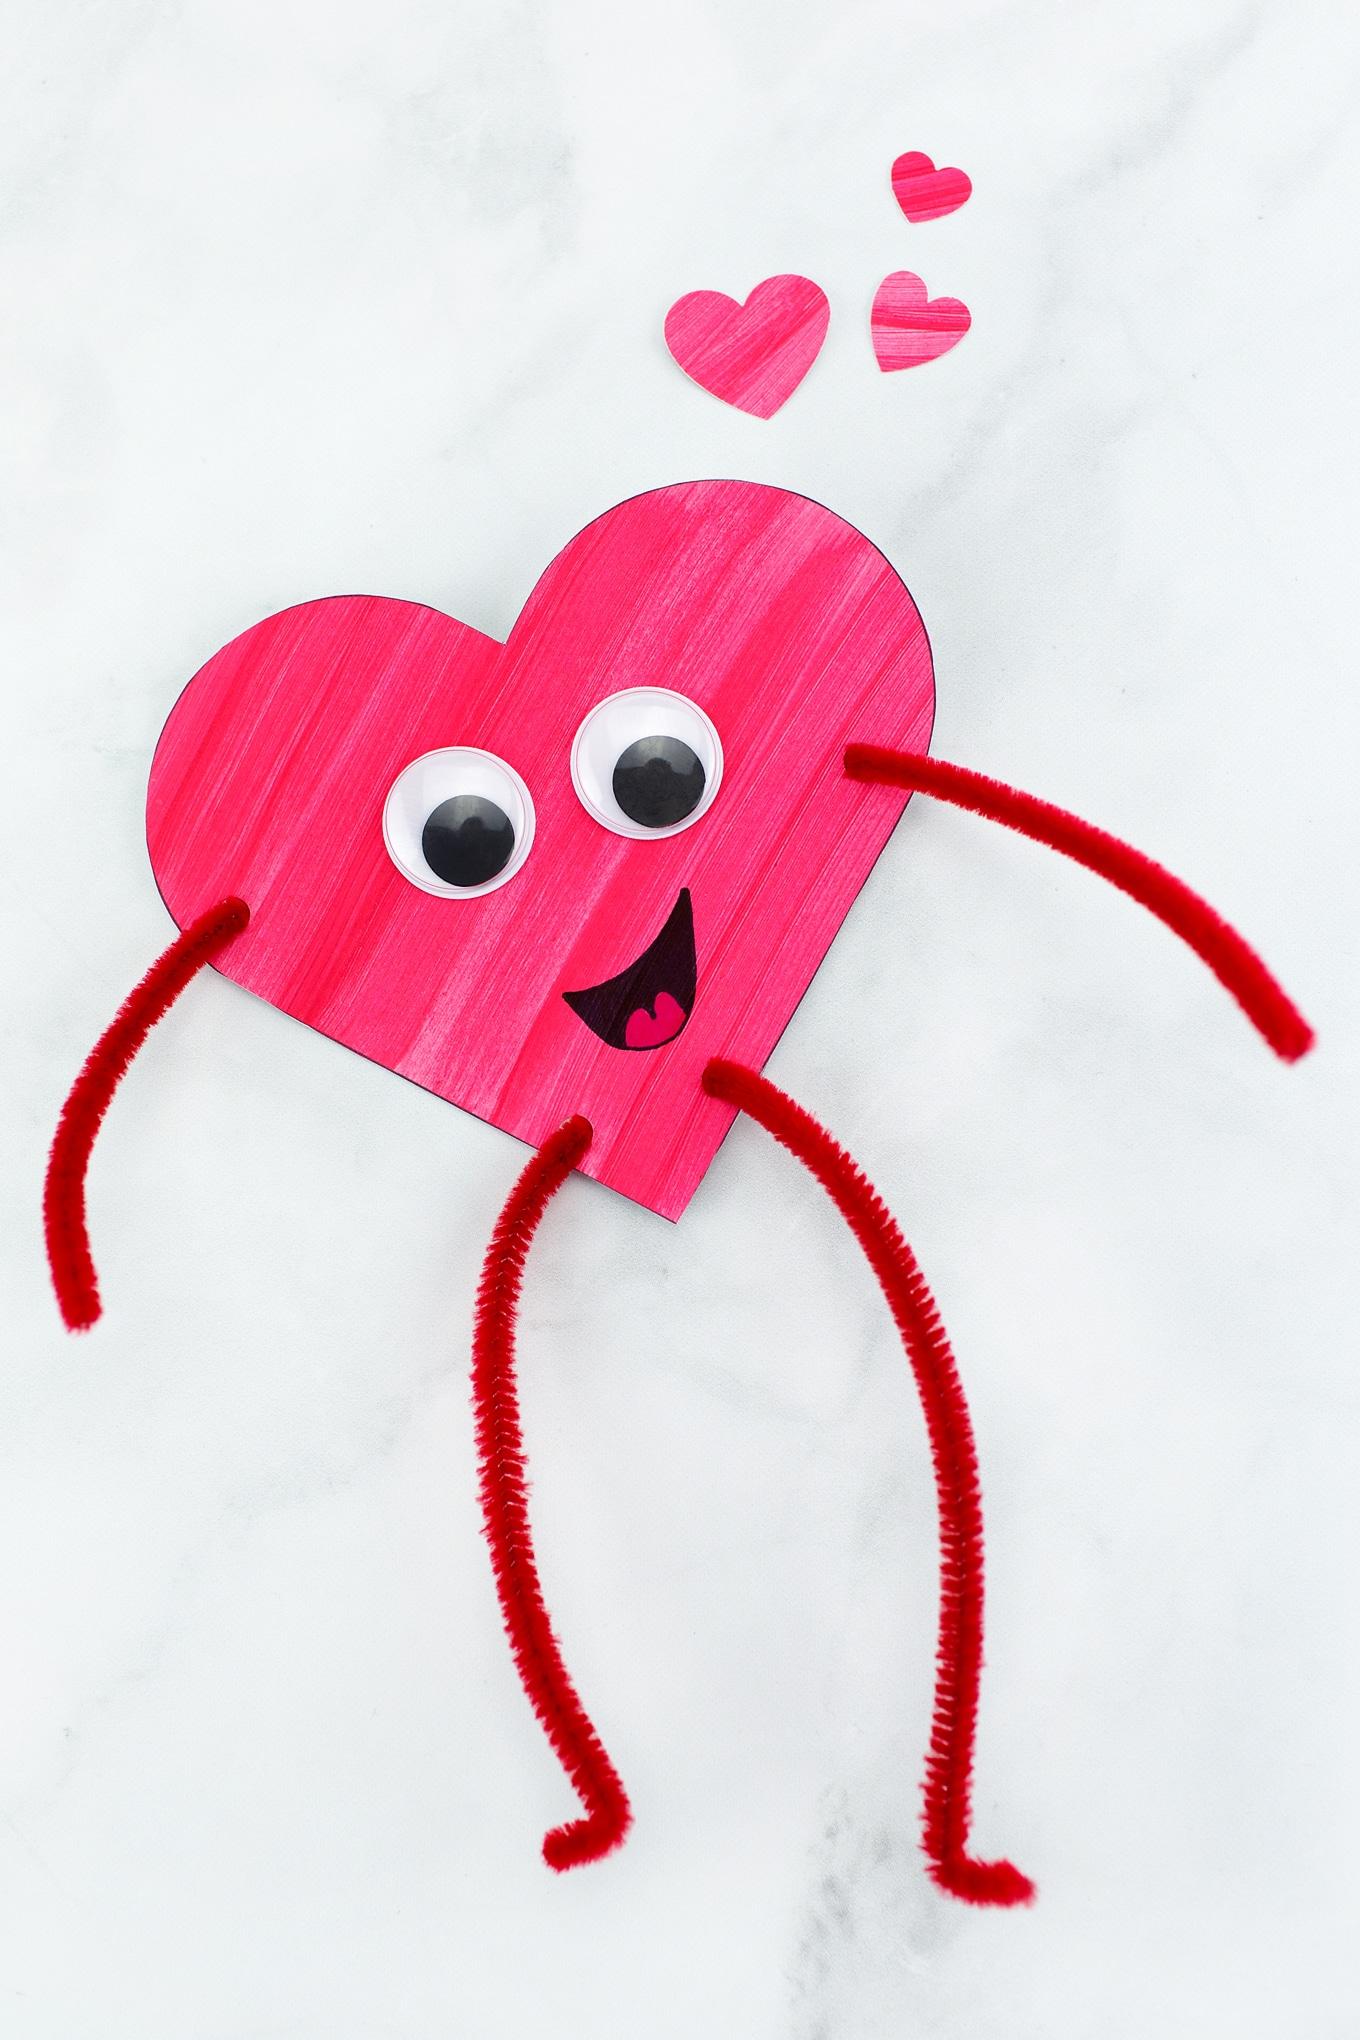 Heart Buddies Easy Valentine's Day Craft for Kids